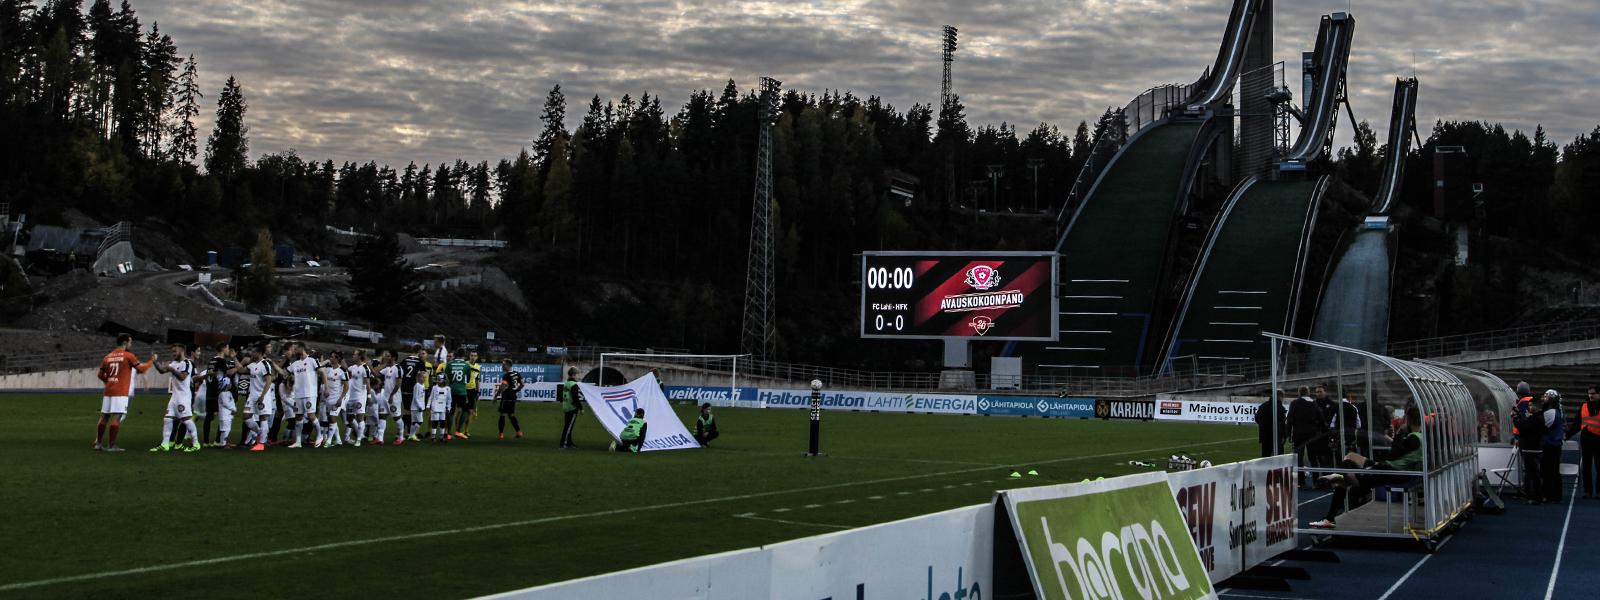 HIFK maalittomaan tasapeliin Lahdessa – RE/MAX otteluraportti